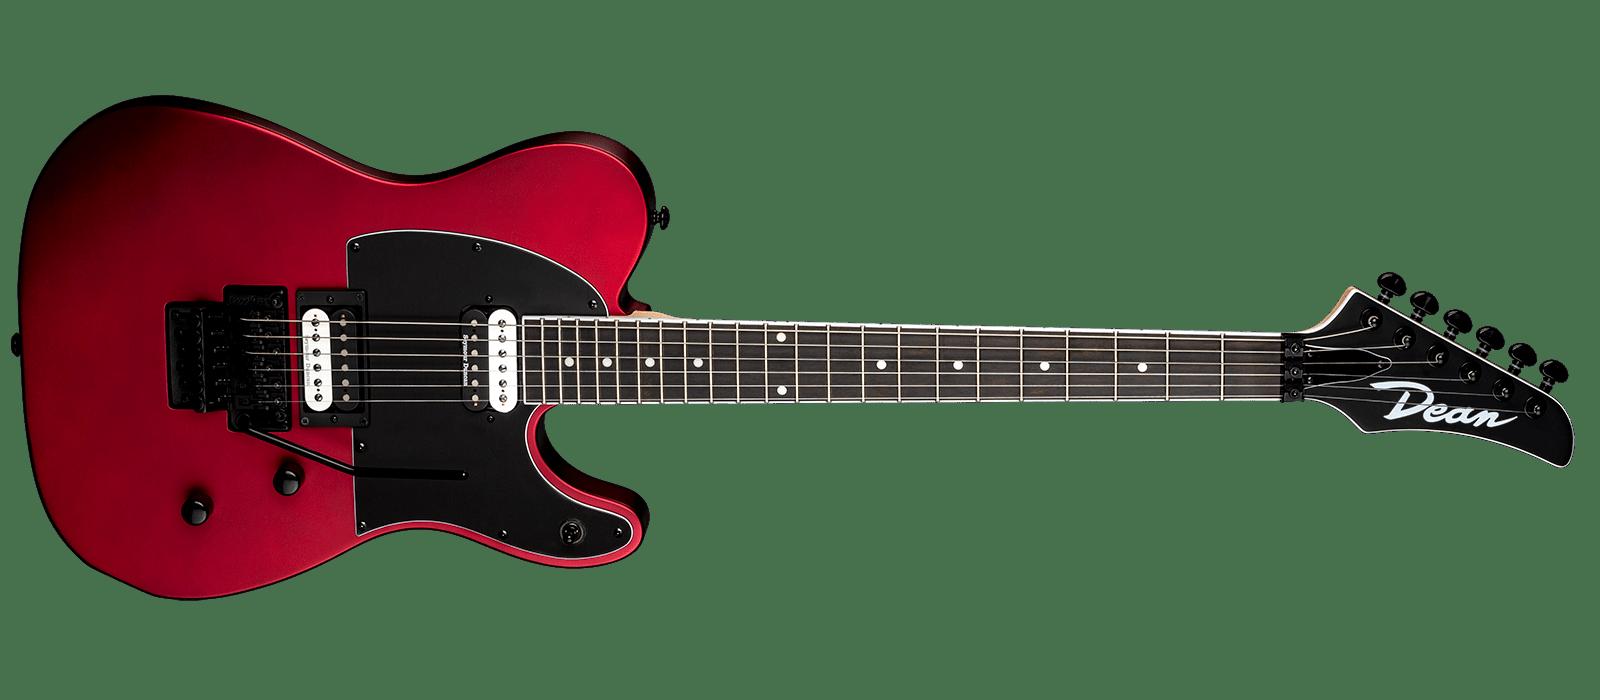 NashVegas Select Floyd Metallic Red Sat